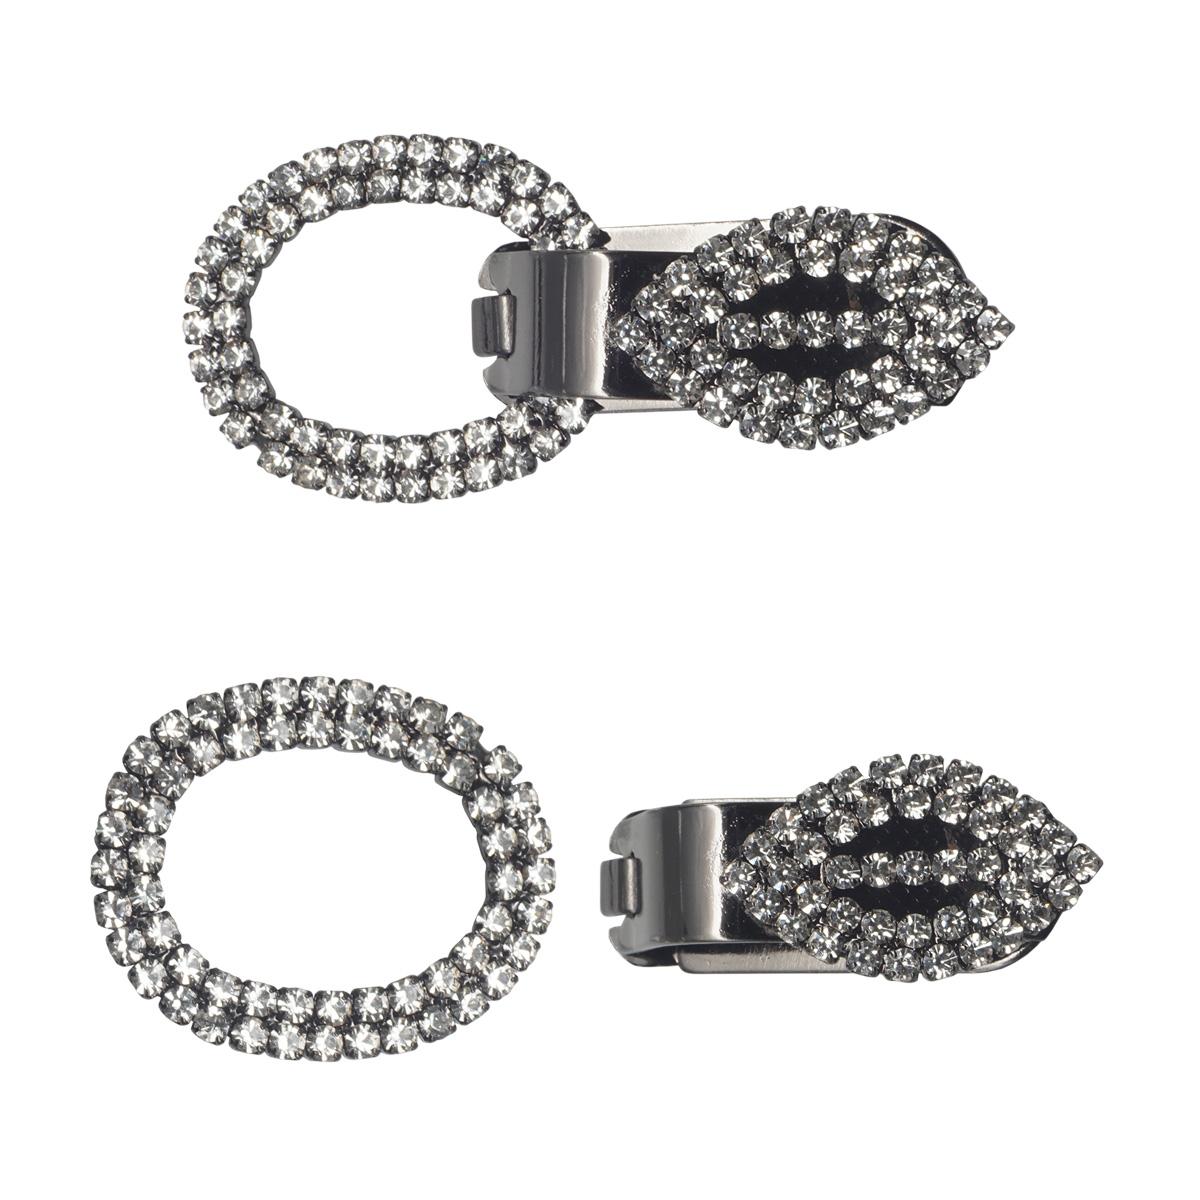 AB3961 Крючок шубный со стразами, Cristal (черный никель)